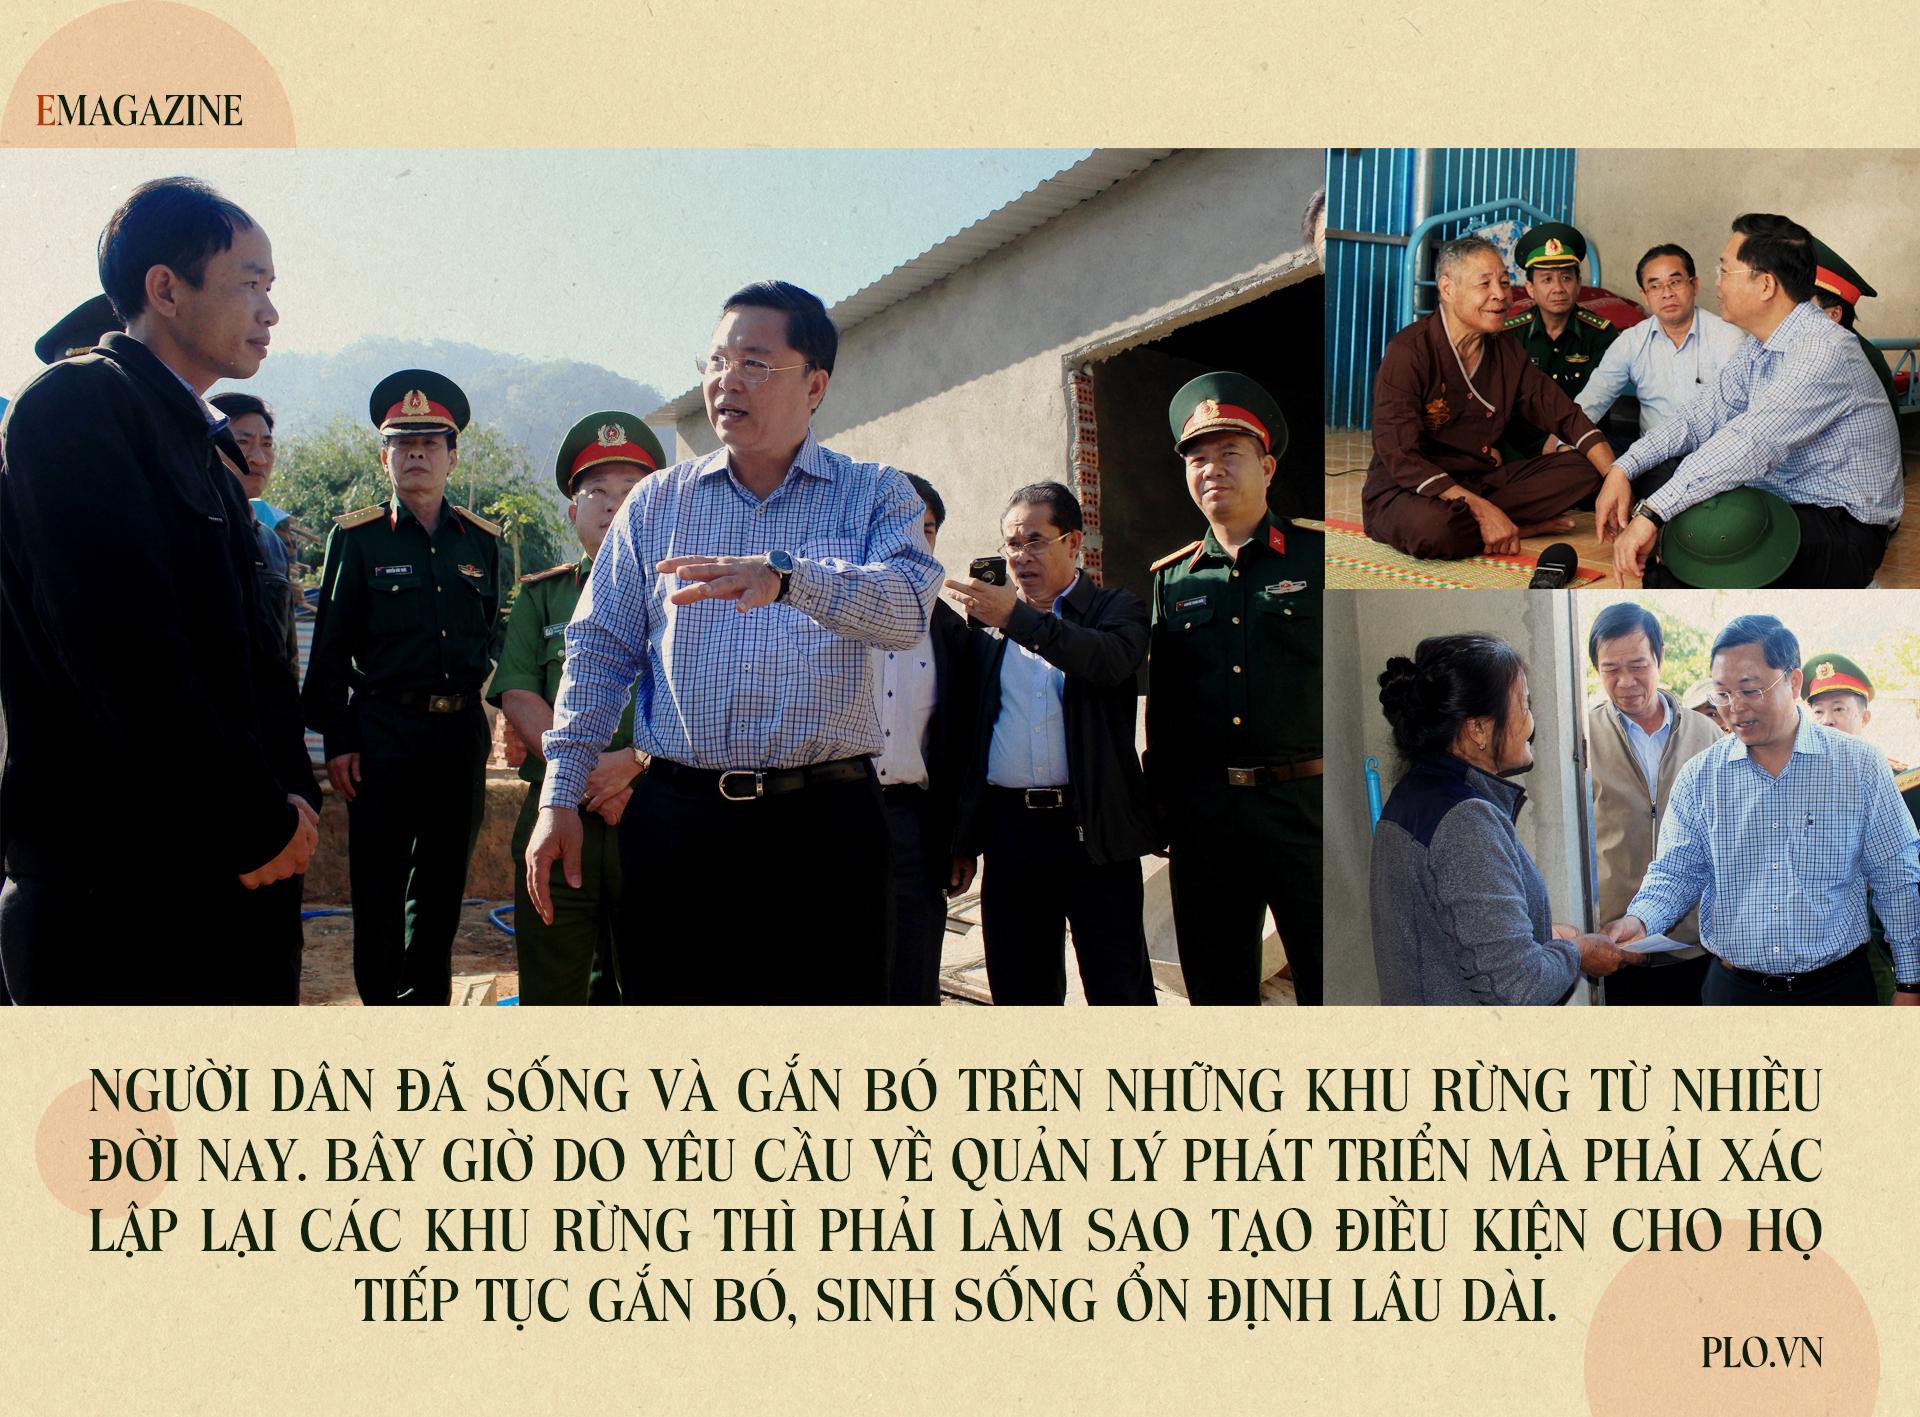 Emagazine: Chủ tịch Quảng Nam và 4 điểm nhấn phát triển - ảnh 6